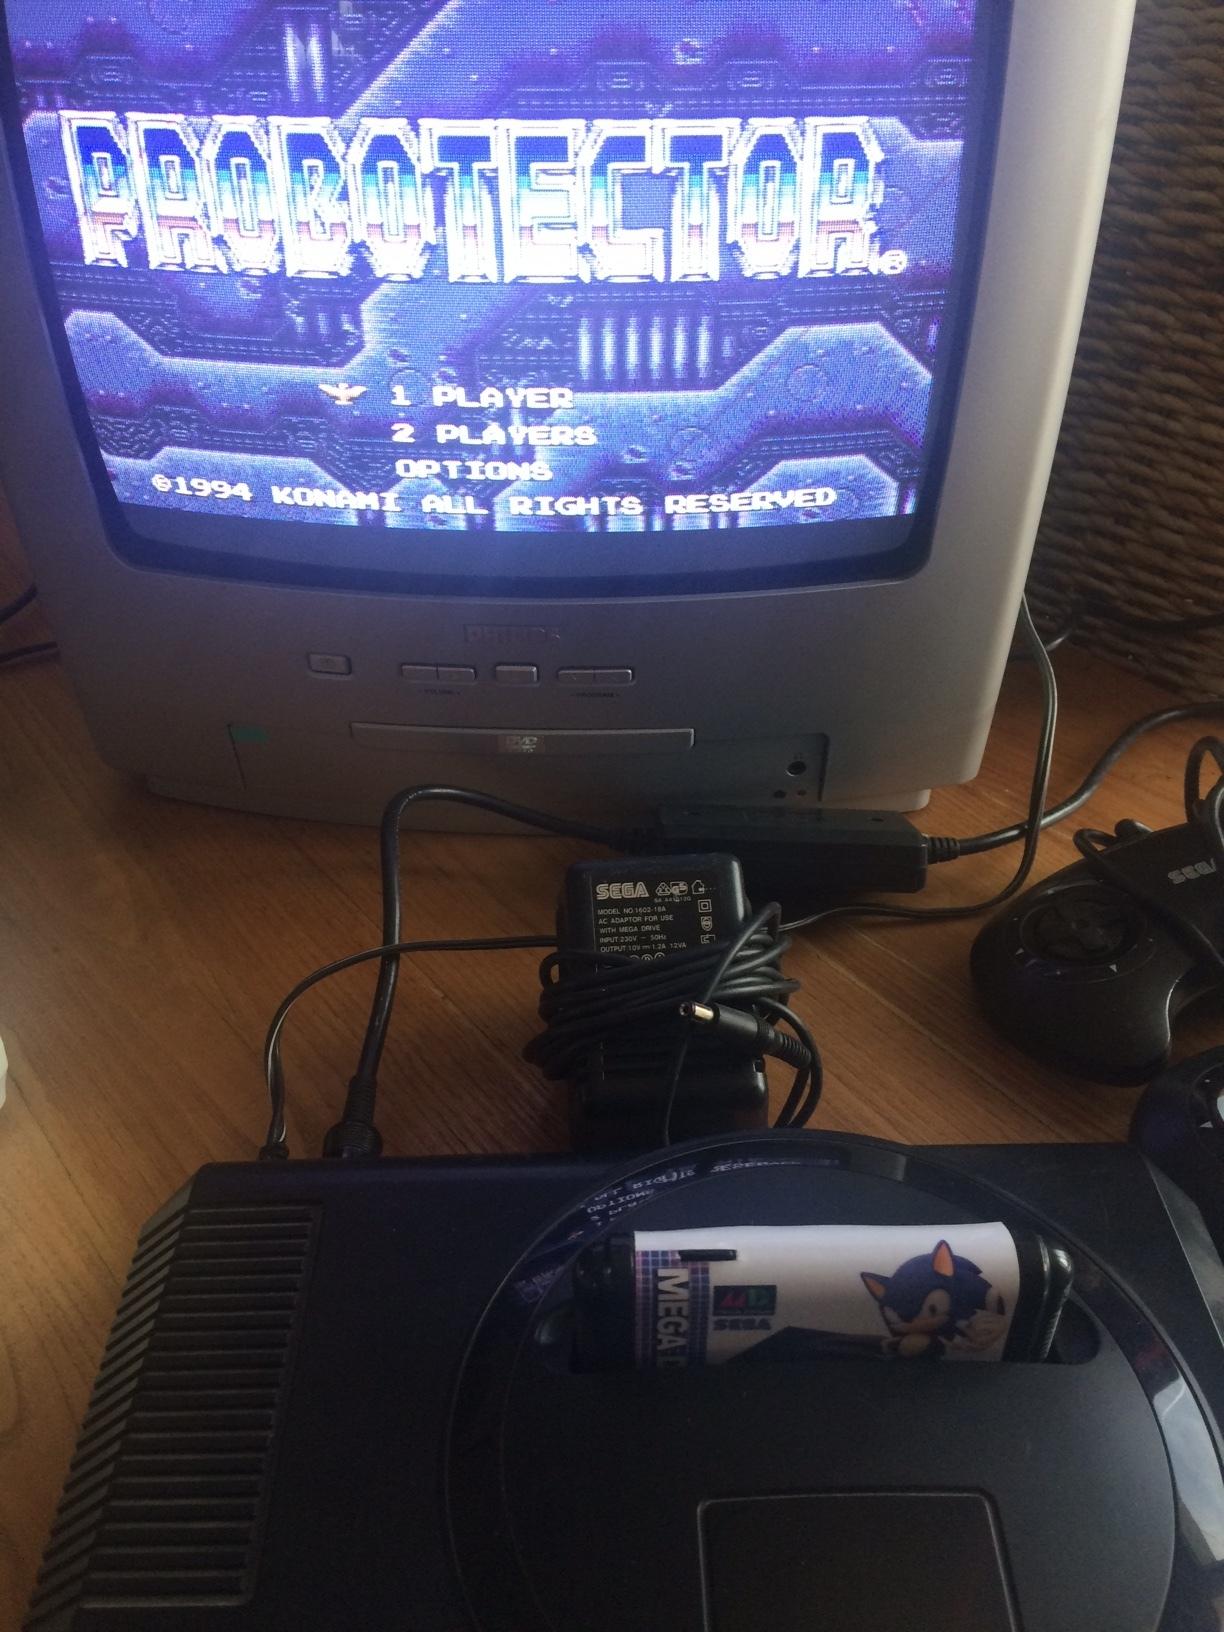 [VDS] Sega megadrive 1 + 4 manettes + 2 alimentations + .... 181012094513574824